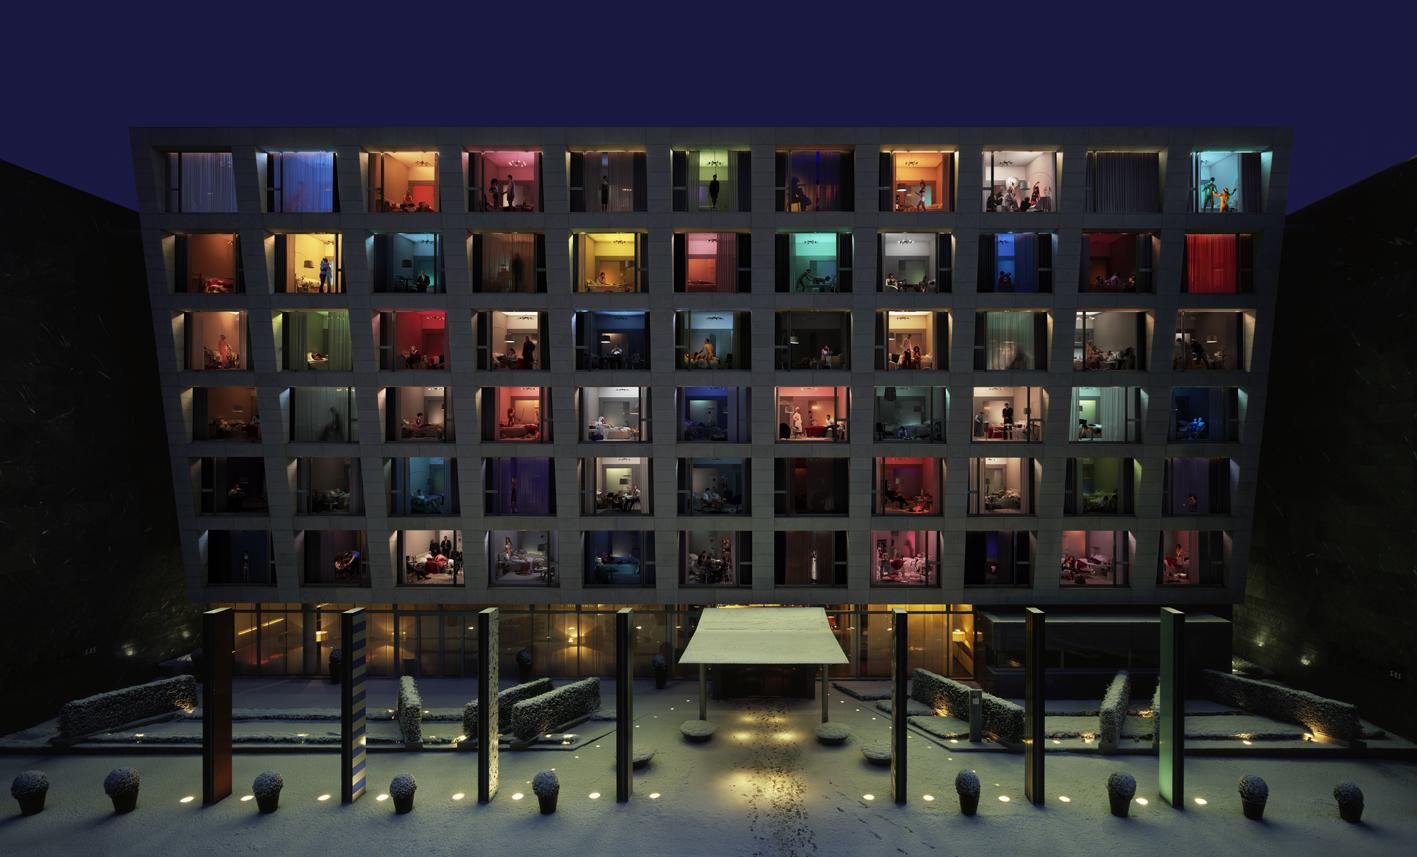 perf inside building.jpg